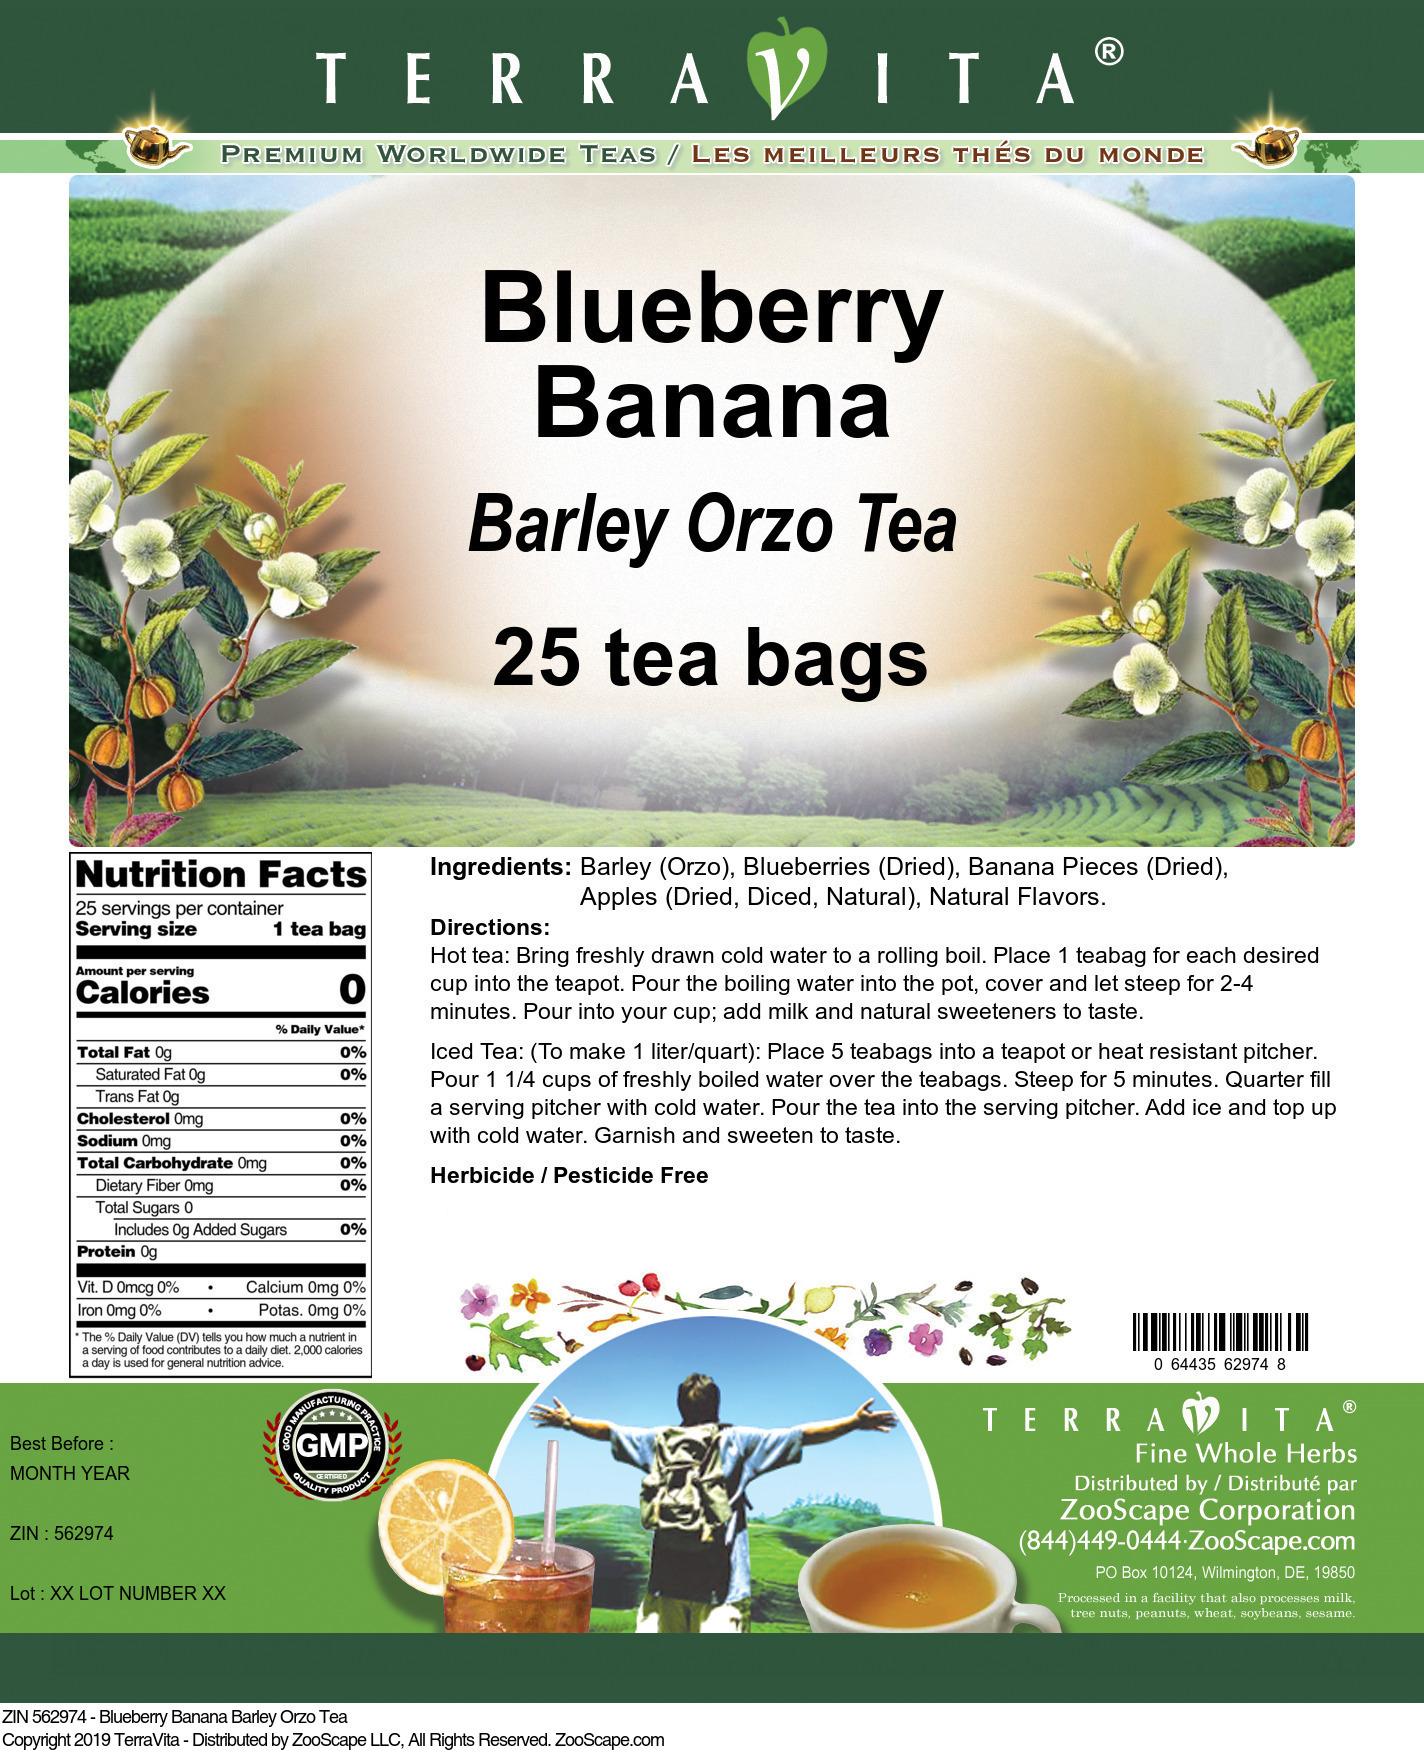 Blueberry Banana Barley Orzo Tea